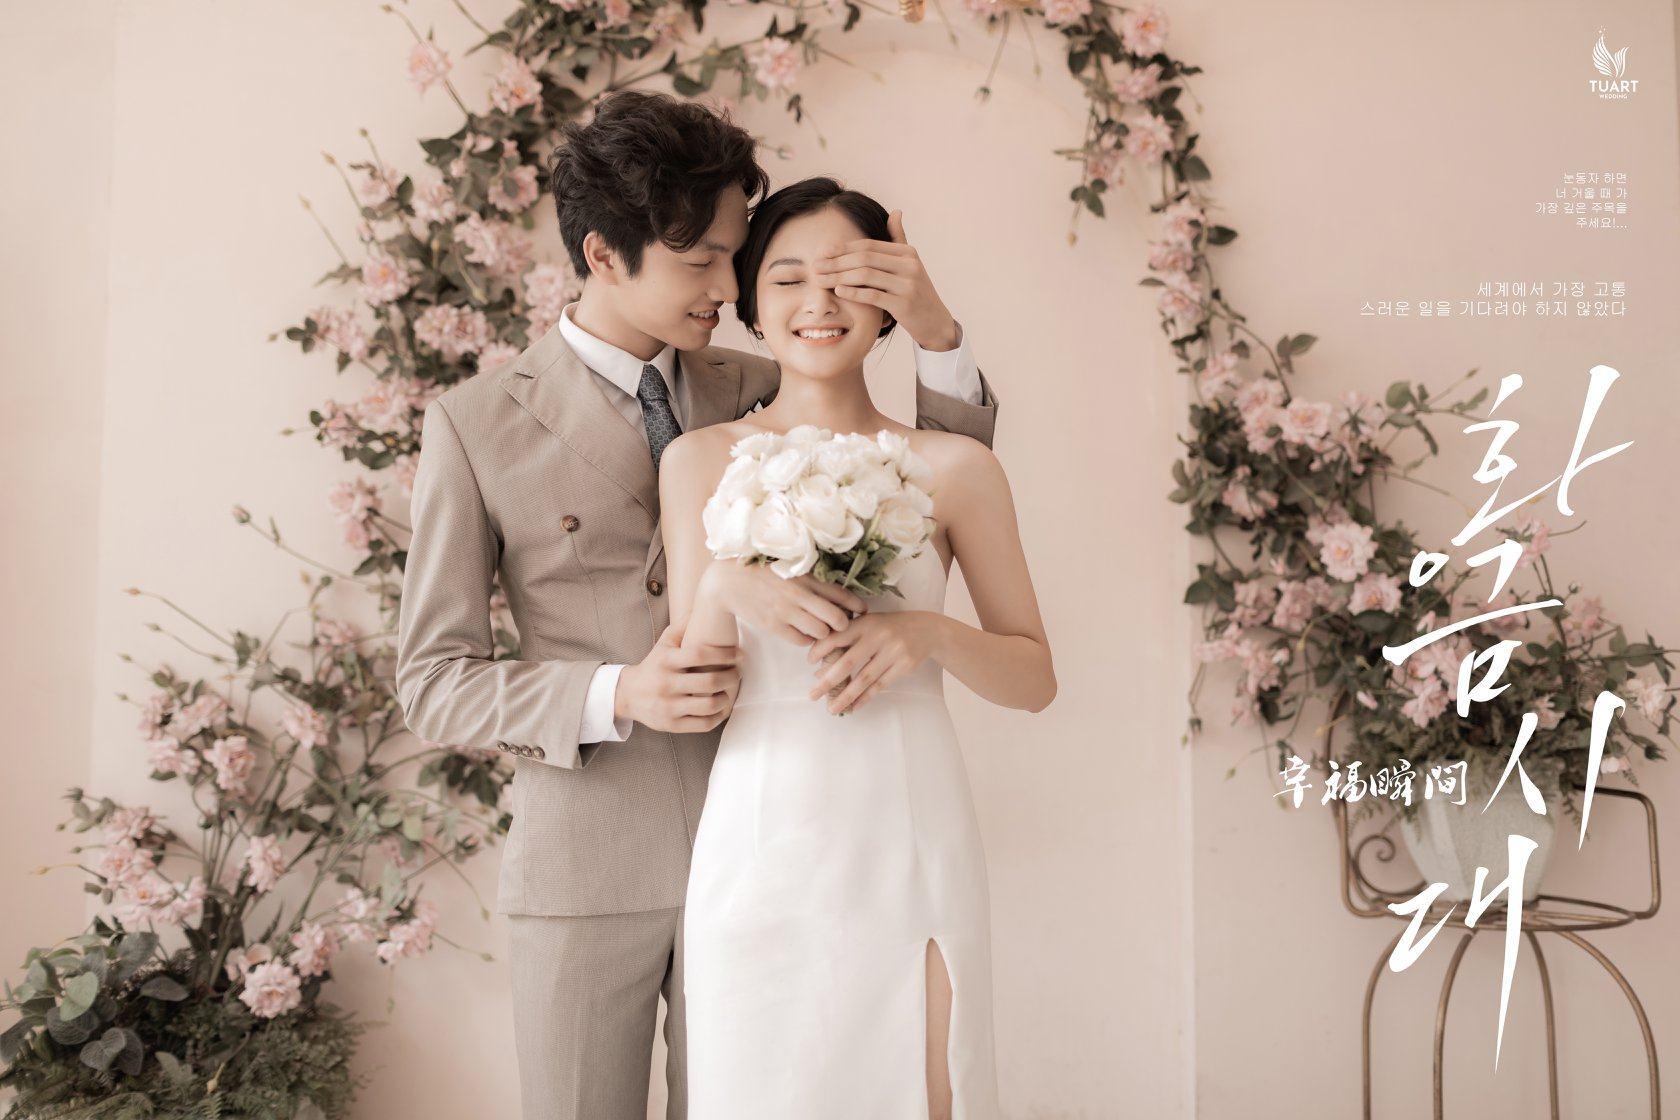 Chụp hình cưới Đà Nẵnguy tín